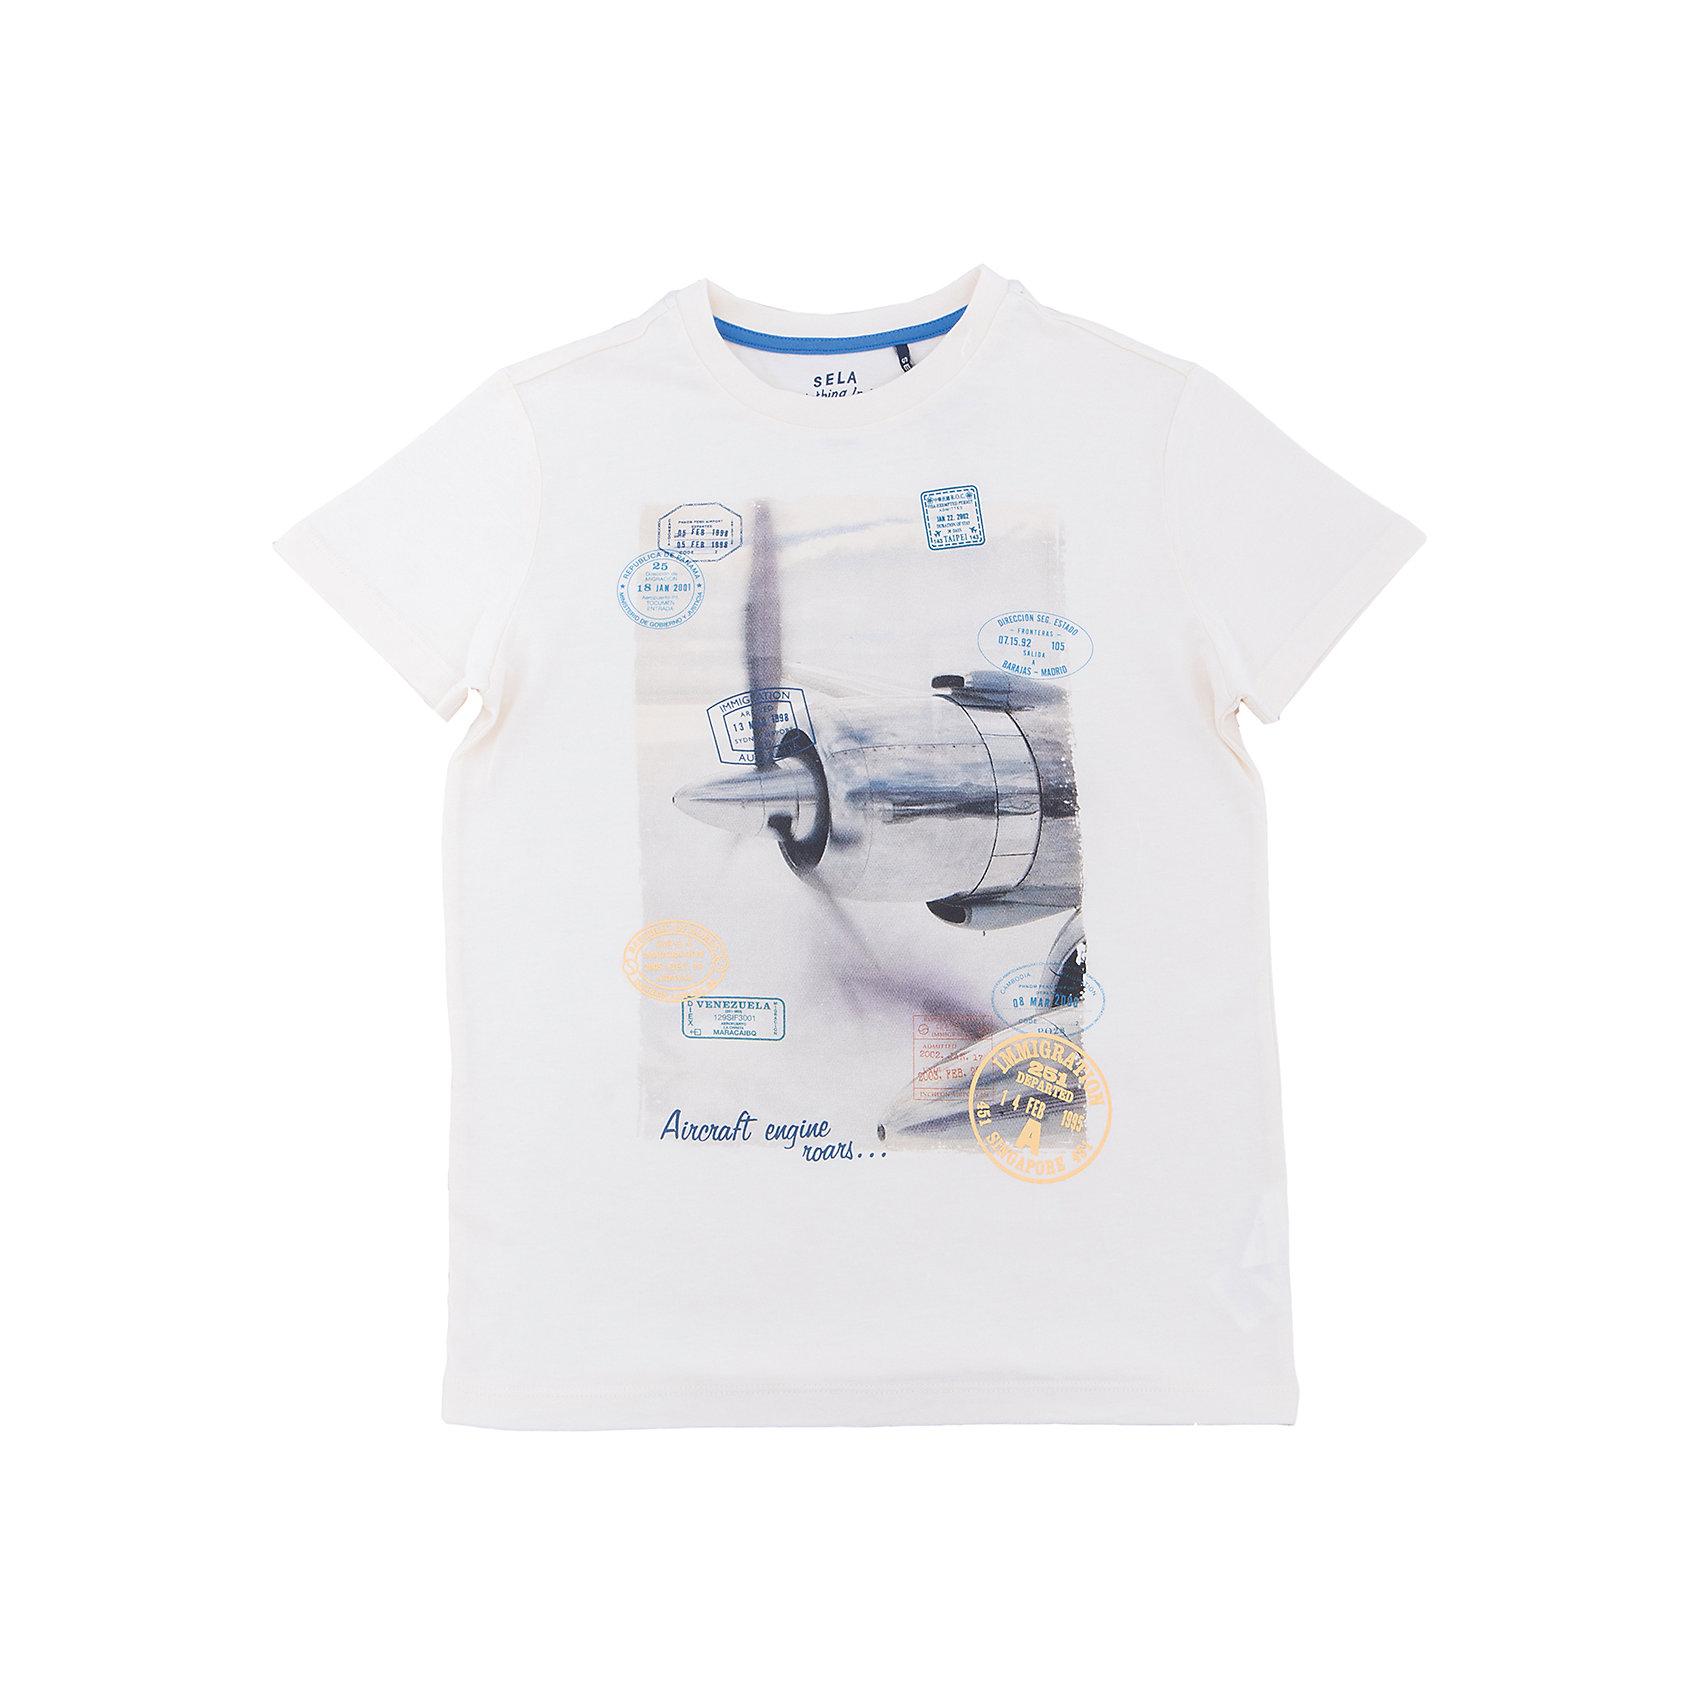 Футболка  для мальчика SELAФутболки, поло и топы<br>Характеристики товара:<br><br>• цвет: молочный<br>• состав: 100% хлопок<br>• принт<br>• короткие рукава<br>• округлый горловой вырез<br>• коллекция весна-лето 2017<br>• страна бренда: Российская Федерация<br><br>В новой коллекции SELA отличные модели одежды! Эта футболка для мальчика поможет разнообразить гардероб ребенка и обеспечить комфорт. Она отлично сочетается с джинсами и брюками. Удобная базовая вещь!<br><br>Одежда, обувь и аксессуары от российского бренда SELA не зря пользуются большой популярностью у детей и взрослых! Модели этой марки - стильные и удобные, цена при этом неизменно остается доступной. Для их производства используются только безопасные, качественные материалы и фурнитура. Новая коллекция поддерживает хорошие традиции бренда! <br><br>Футболку для мальчика от популярного бренда SELA (СЕЛА) можно купить в нашем интернет-магазине.<br><br>Ширина мм: 230<br>Глубина мм: 40<br>Высота мм: 220<br>Вес г: 250<br>Цвет: серый<br>Возраст от месяцев: 96<br>Возраст до месяцев: 108<br>Пол: Мужской<br>Возраст: Детский<br>Размер: 134,140,146,152,116,122,128<br>SKU: 5304009